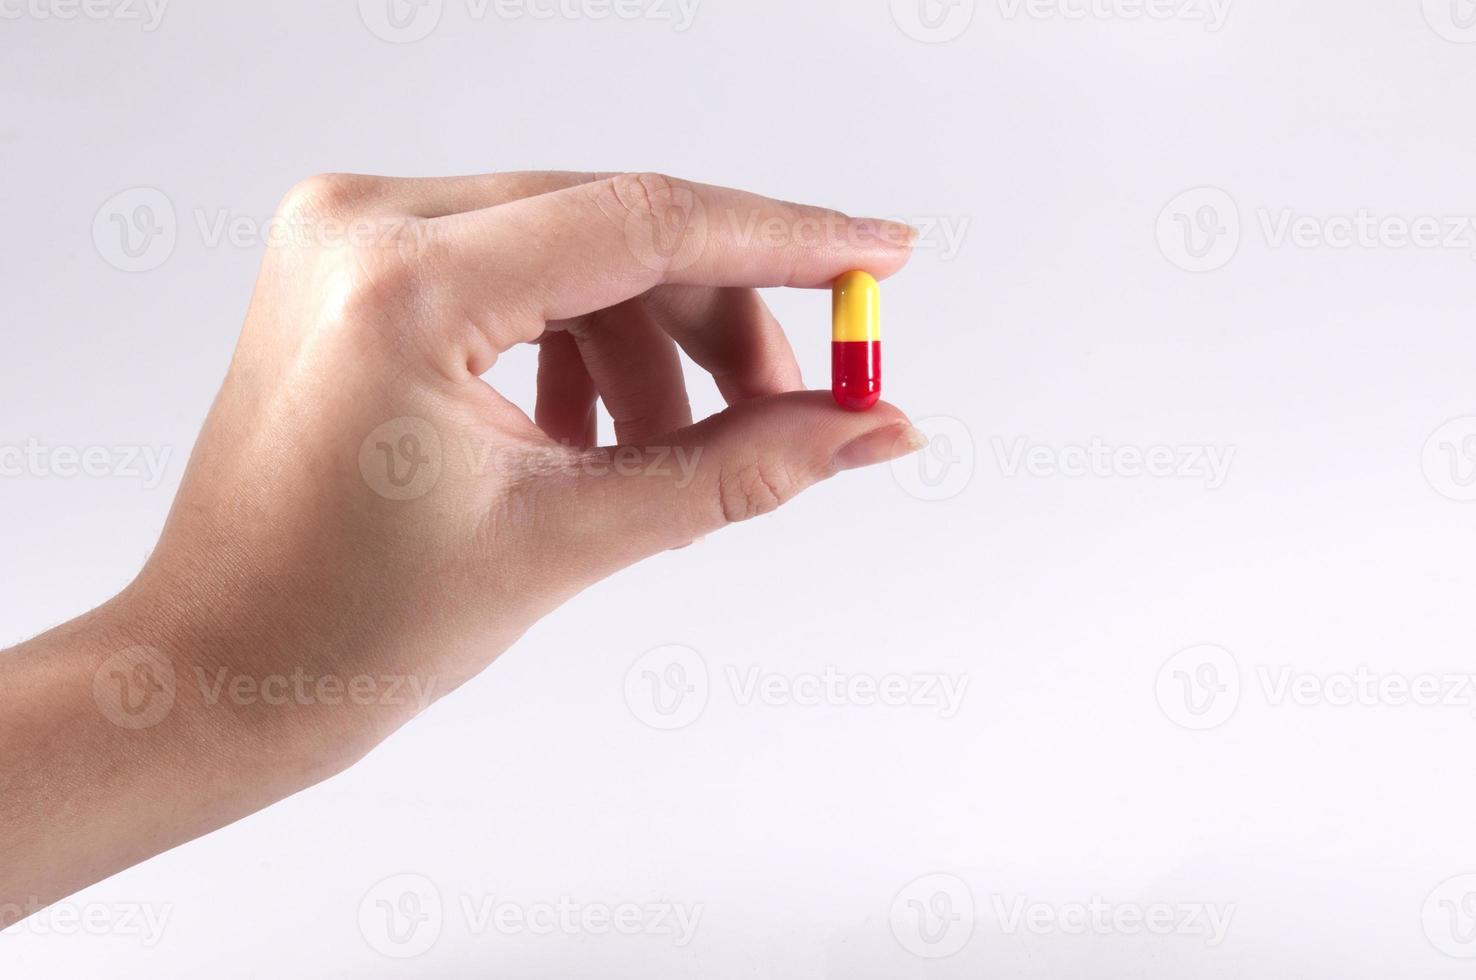 donna caucasica che tiene una pillola su fondo bianco foto